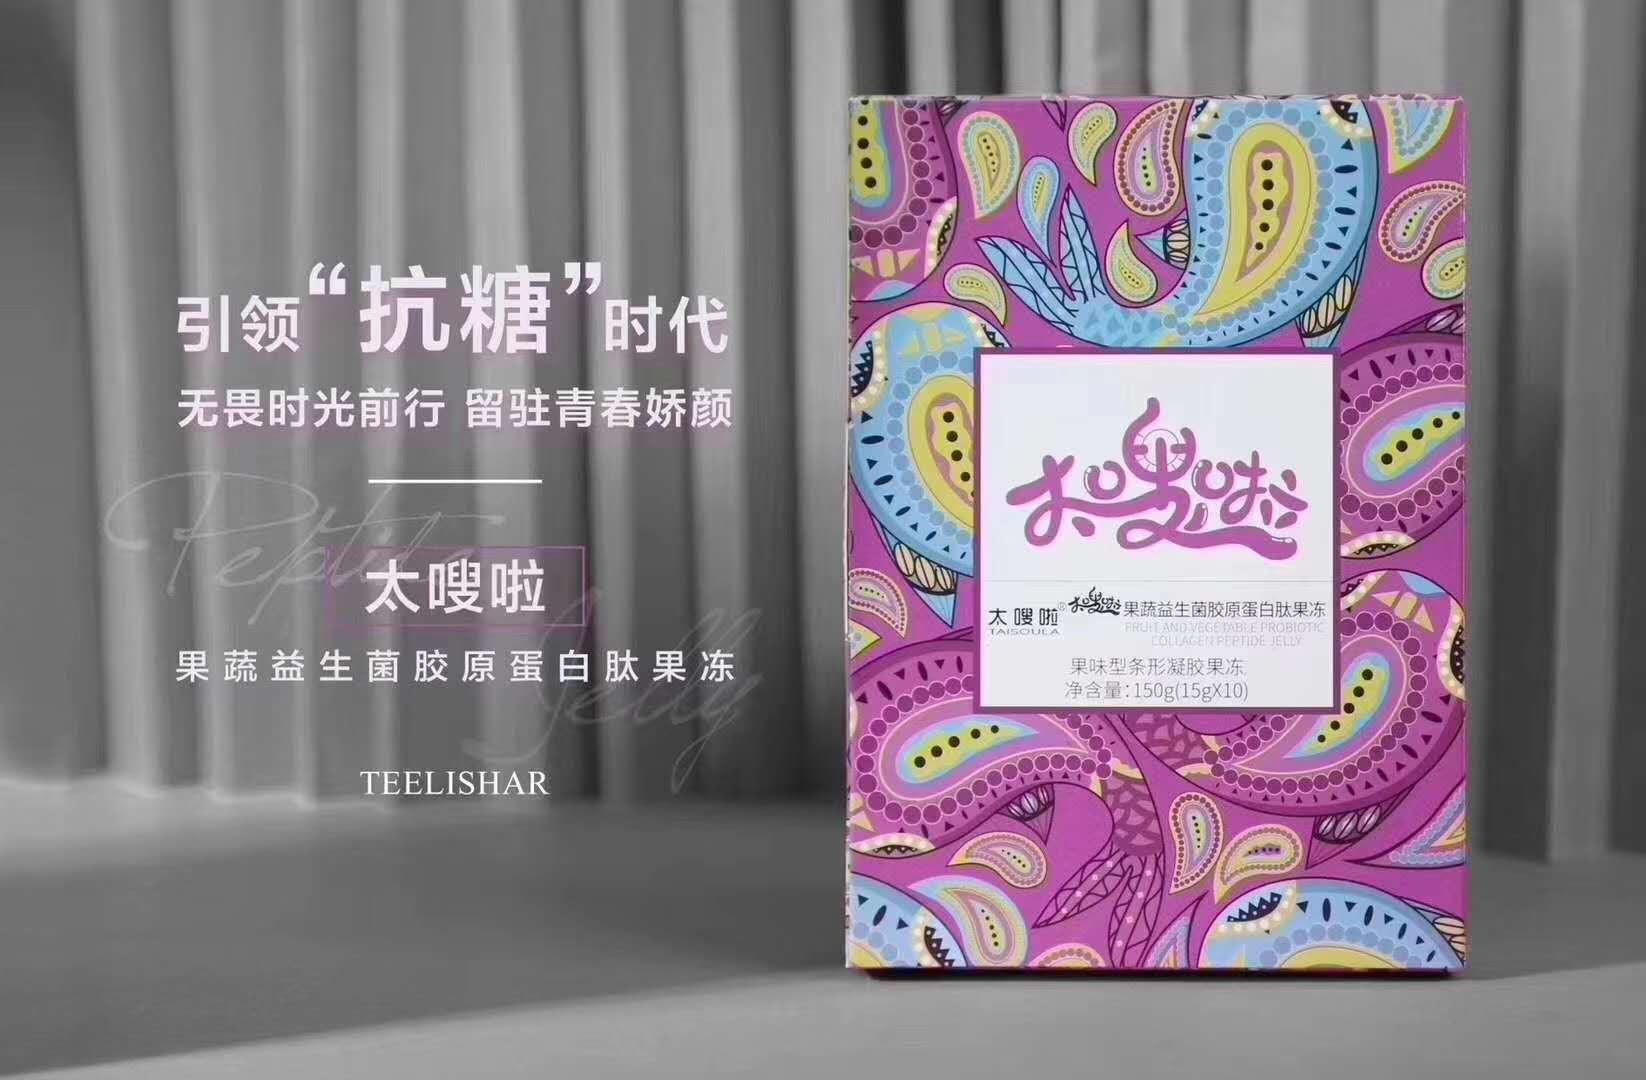 南京同仁堂【新品太嗖啦】廠家——招商代理